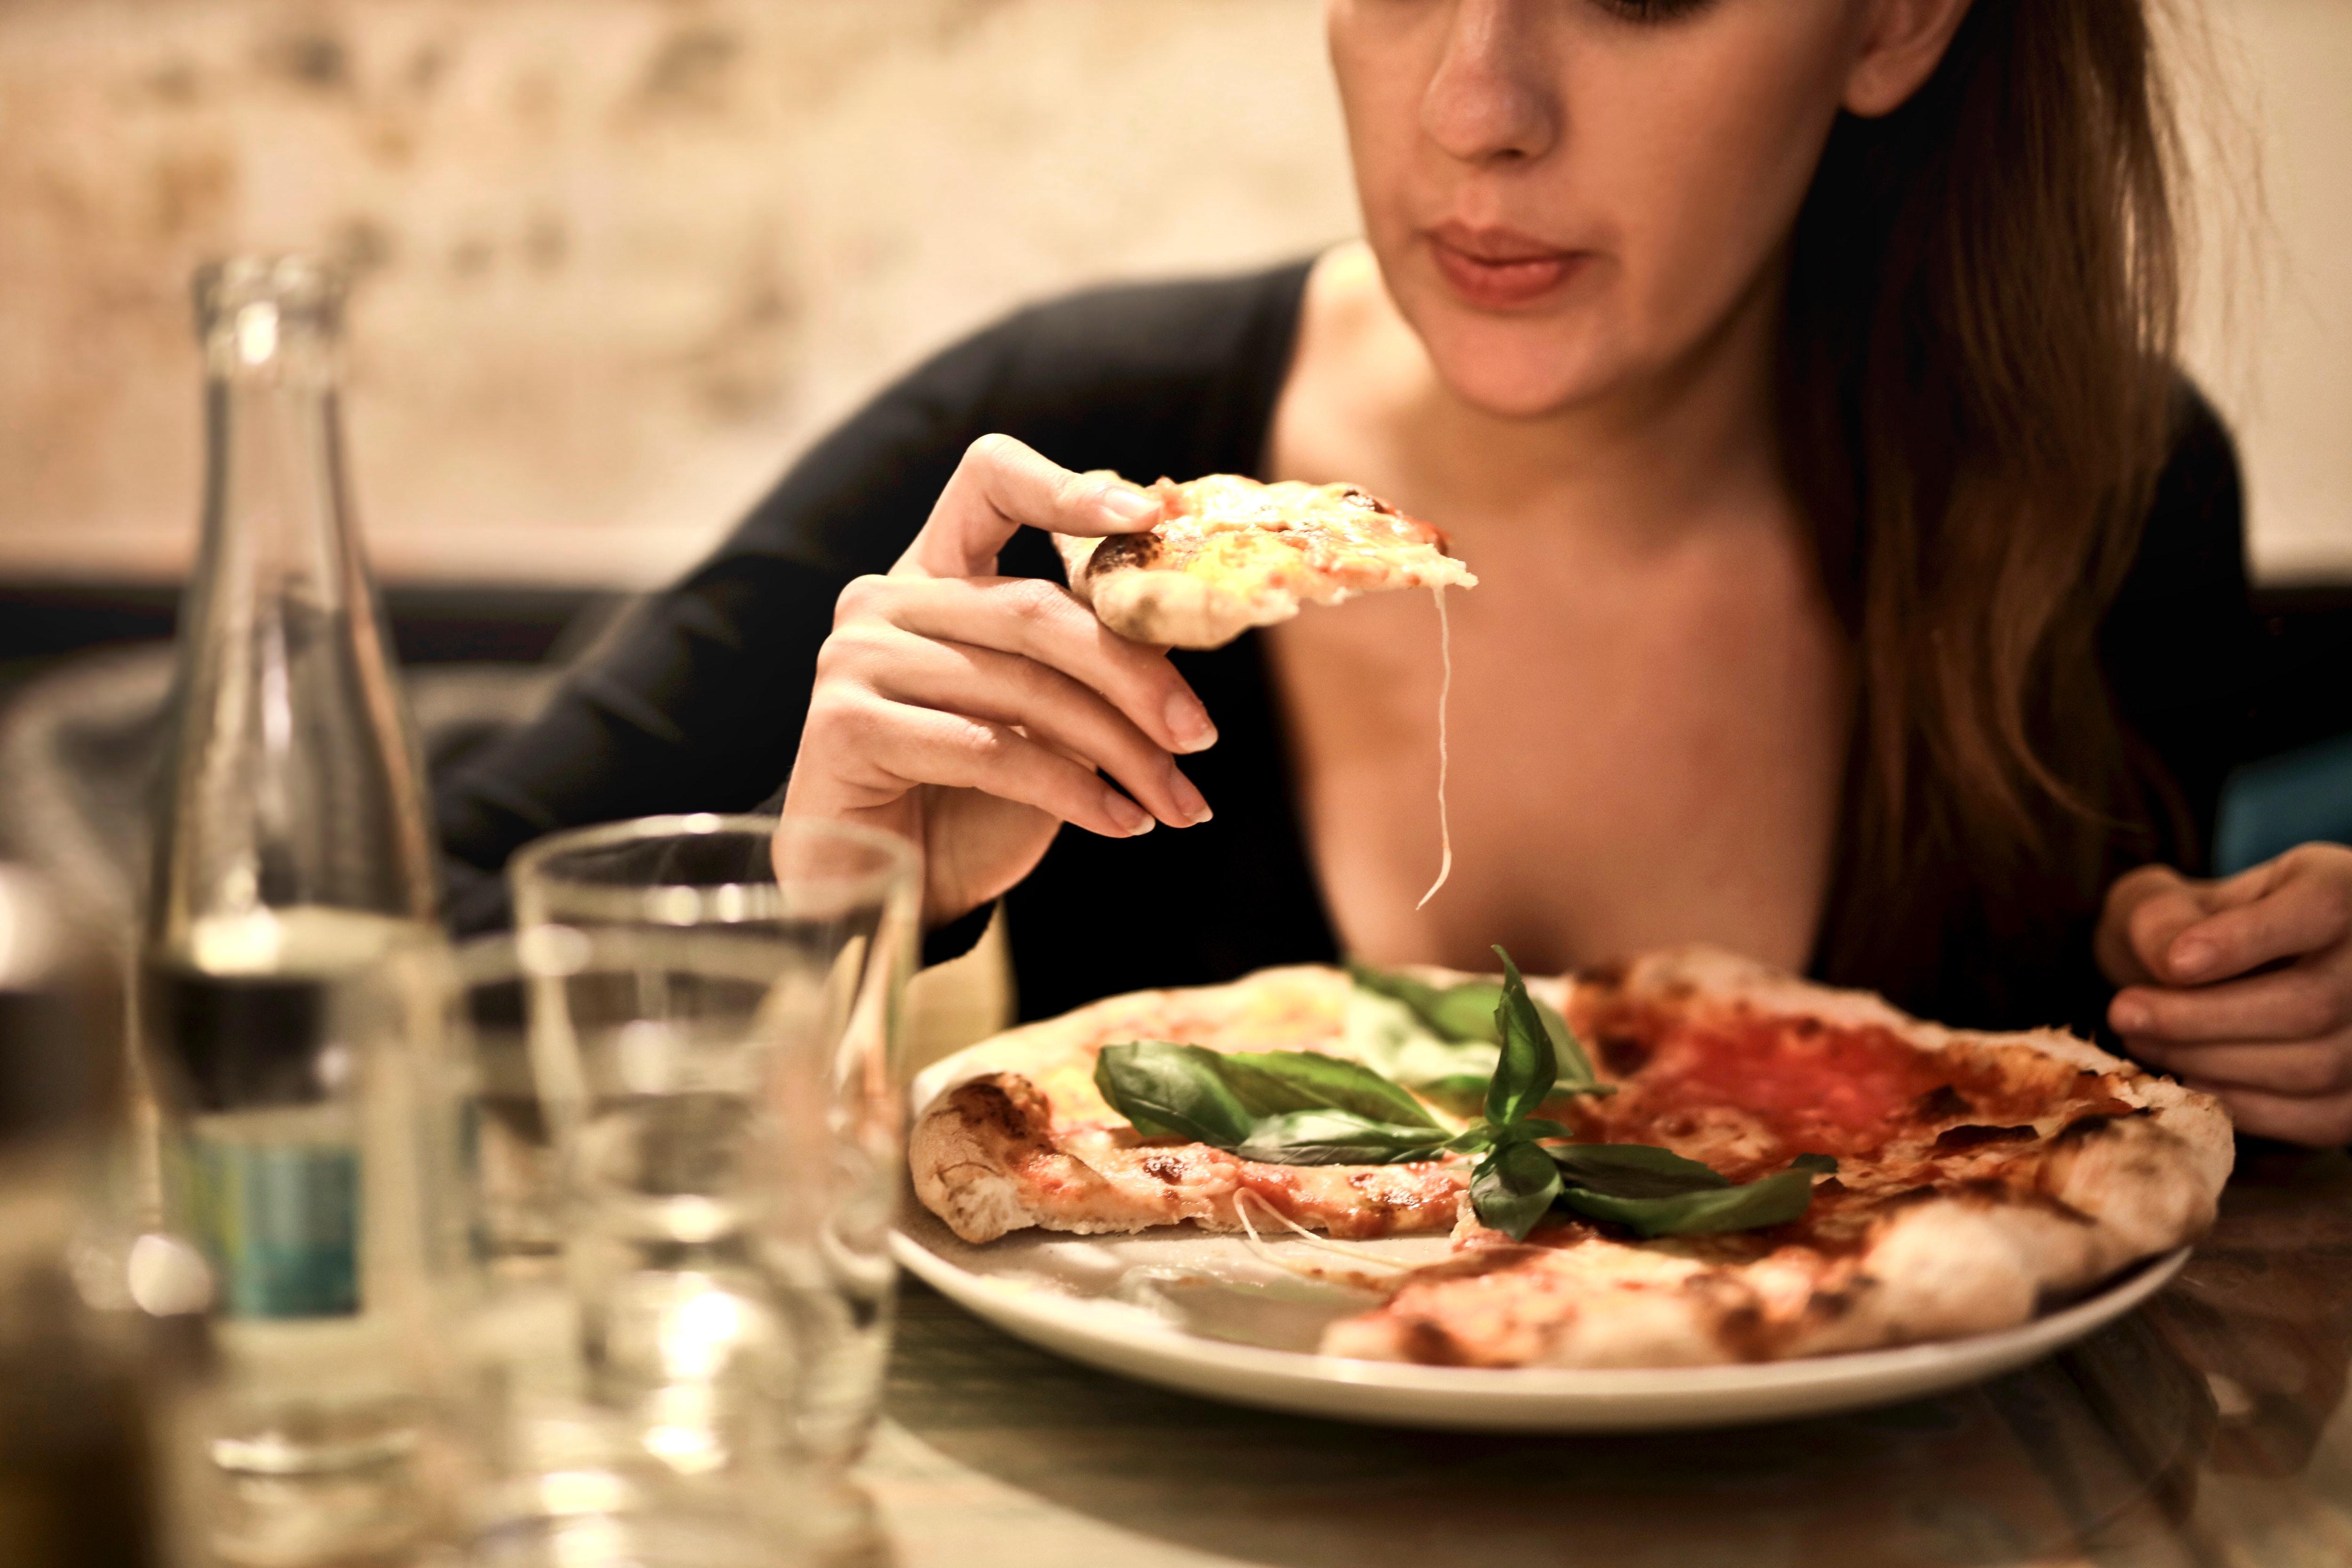 Food shaming. Nie zaglądaj w talerz bliźniemu swemu!